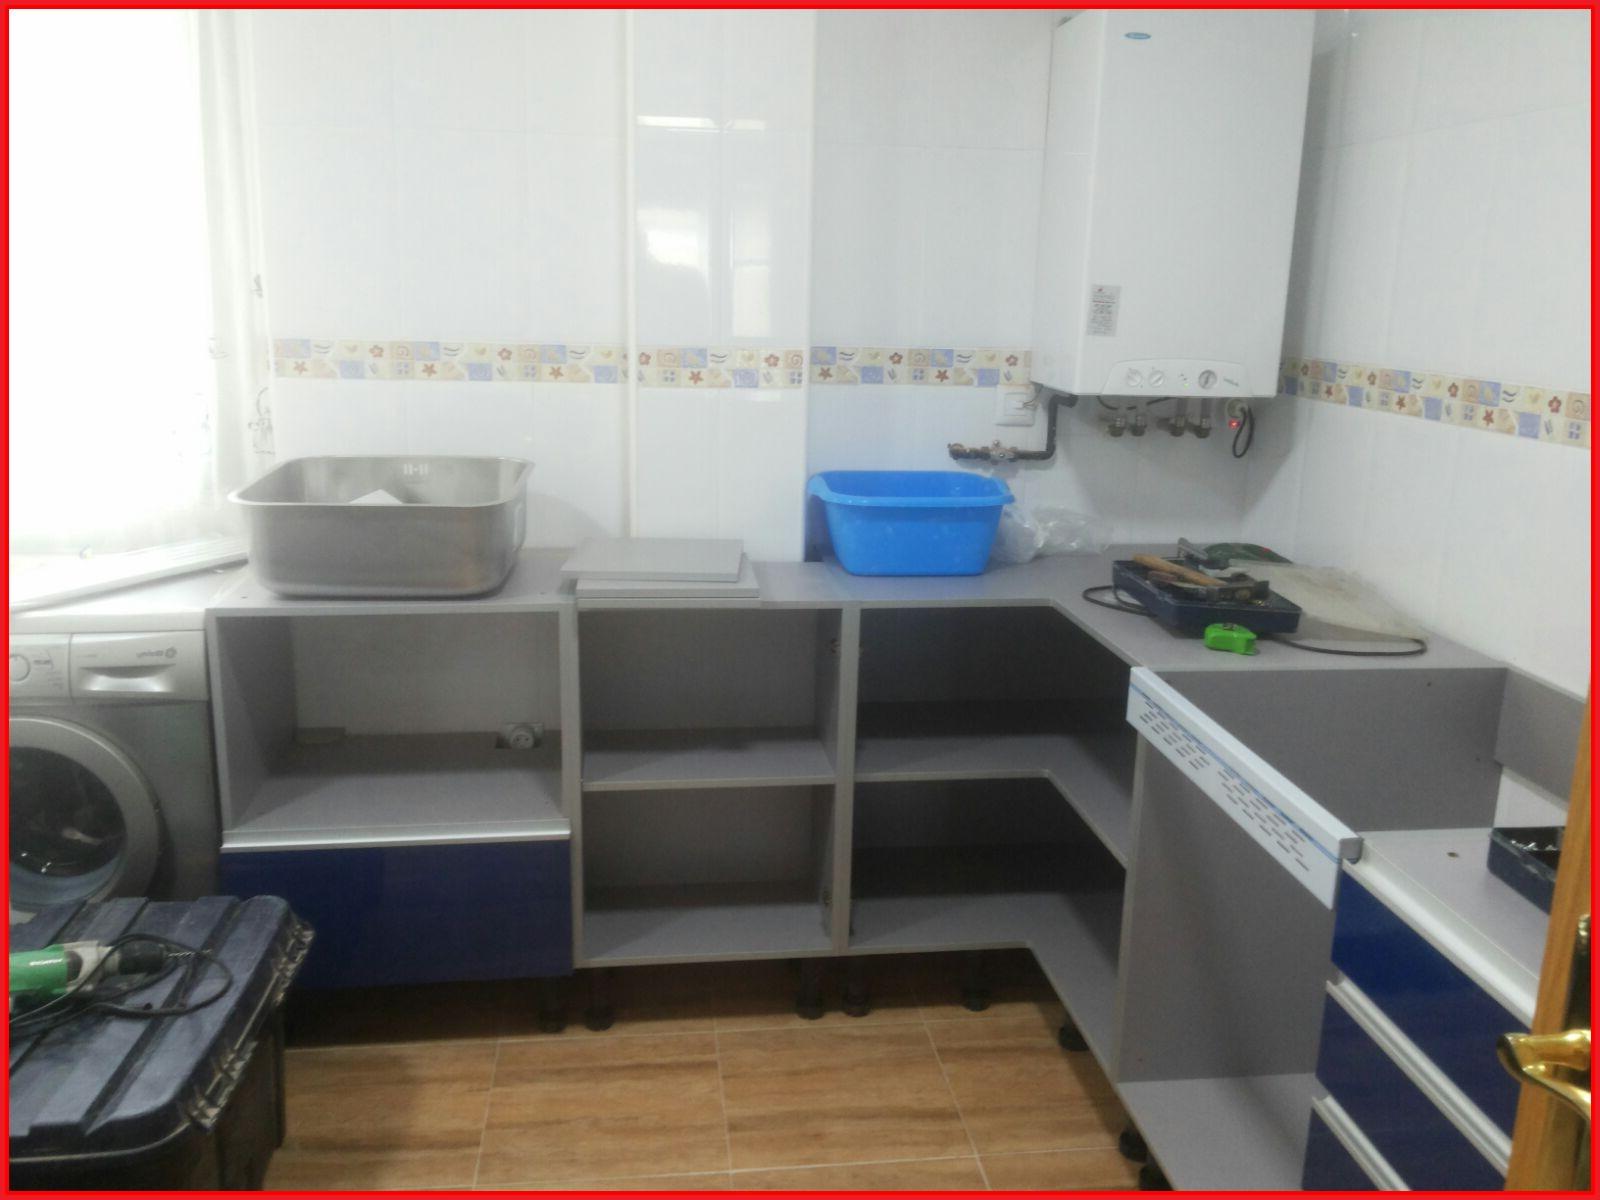 Cascos Muebles De Cocina Thdr Cascos Muebles De Cocina Cascos Muebles De Cocina Cascos De